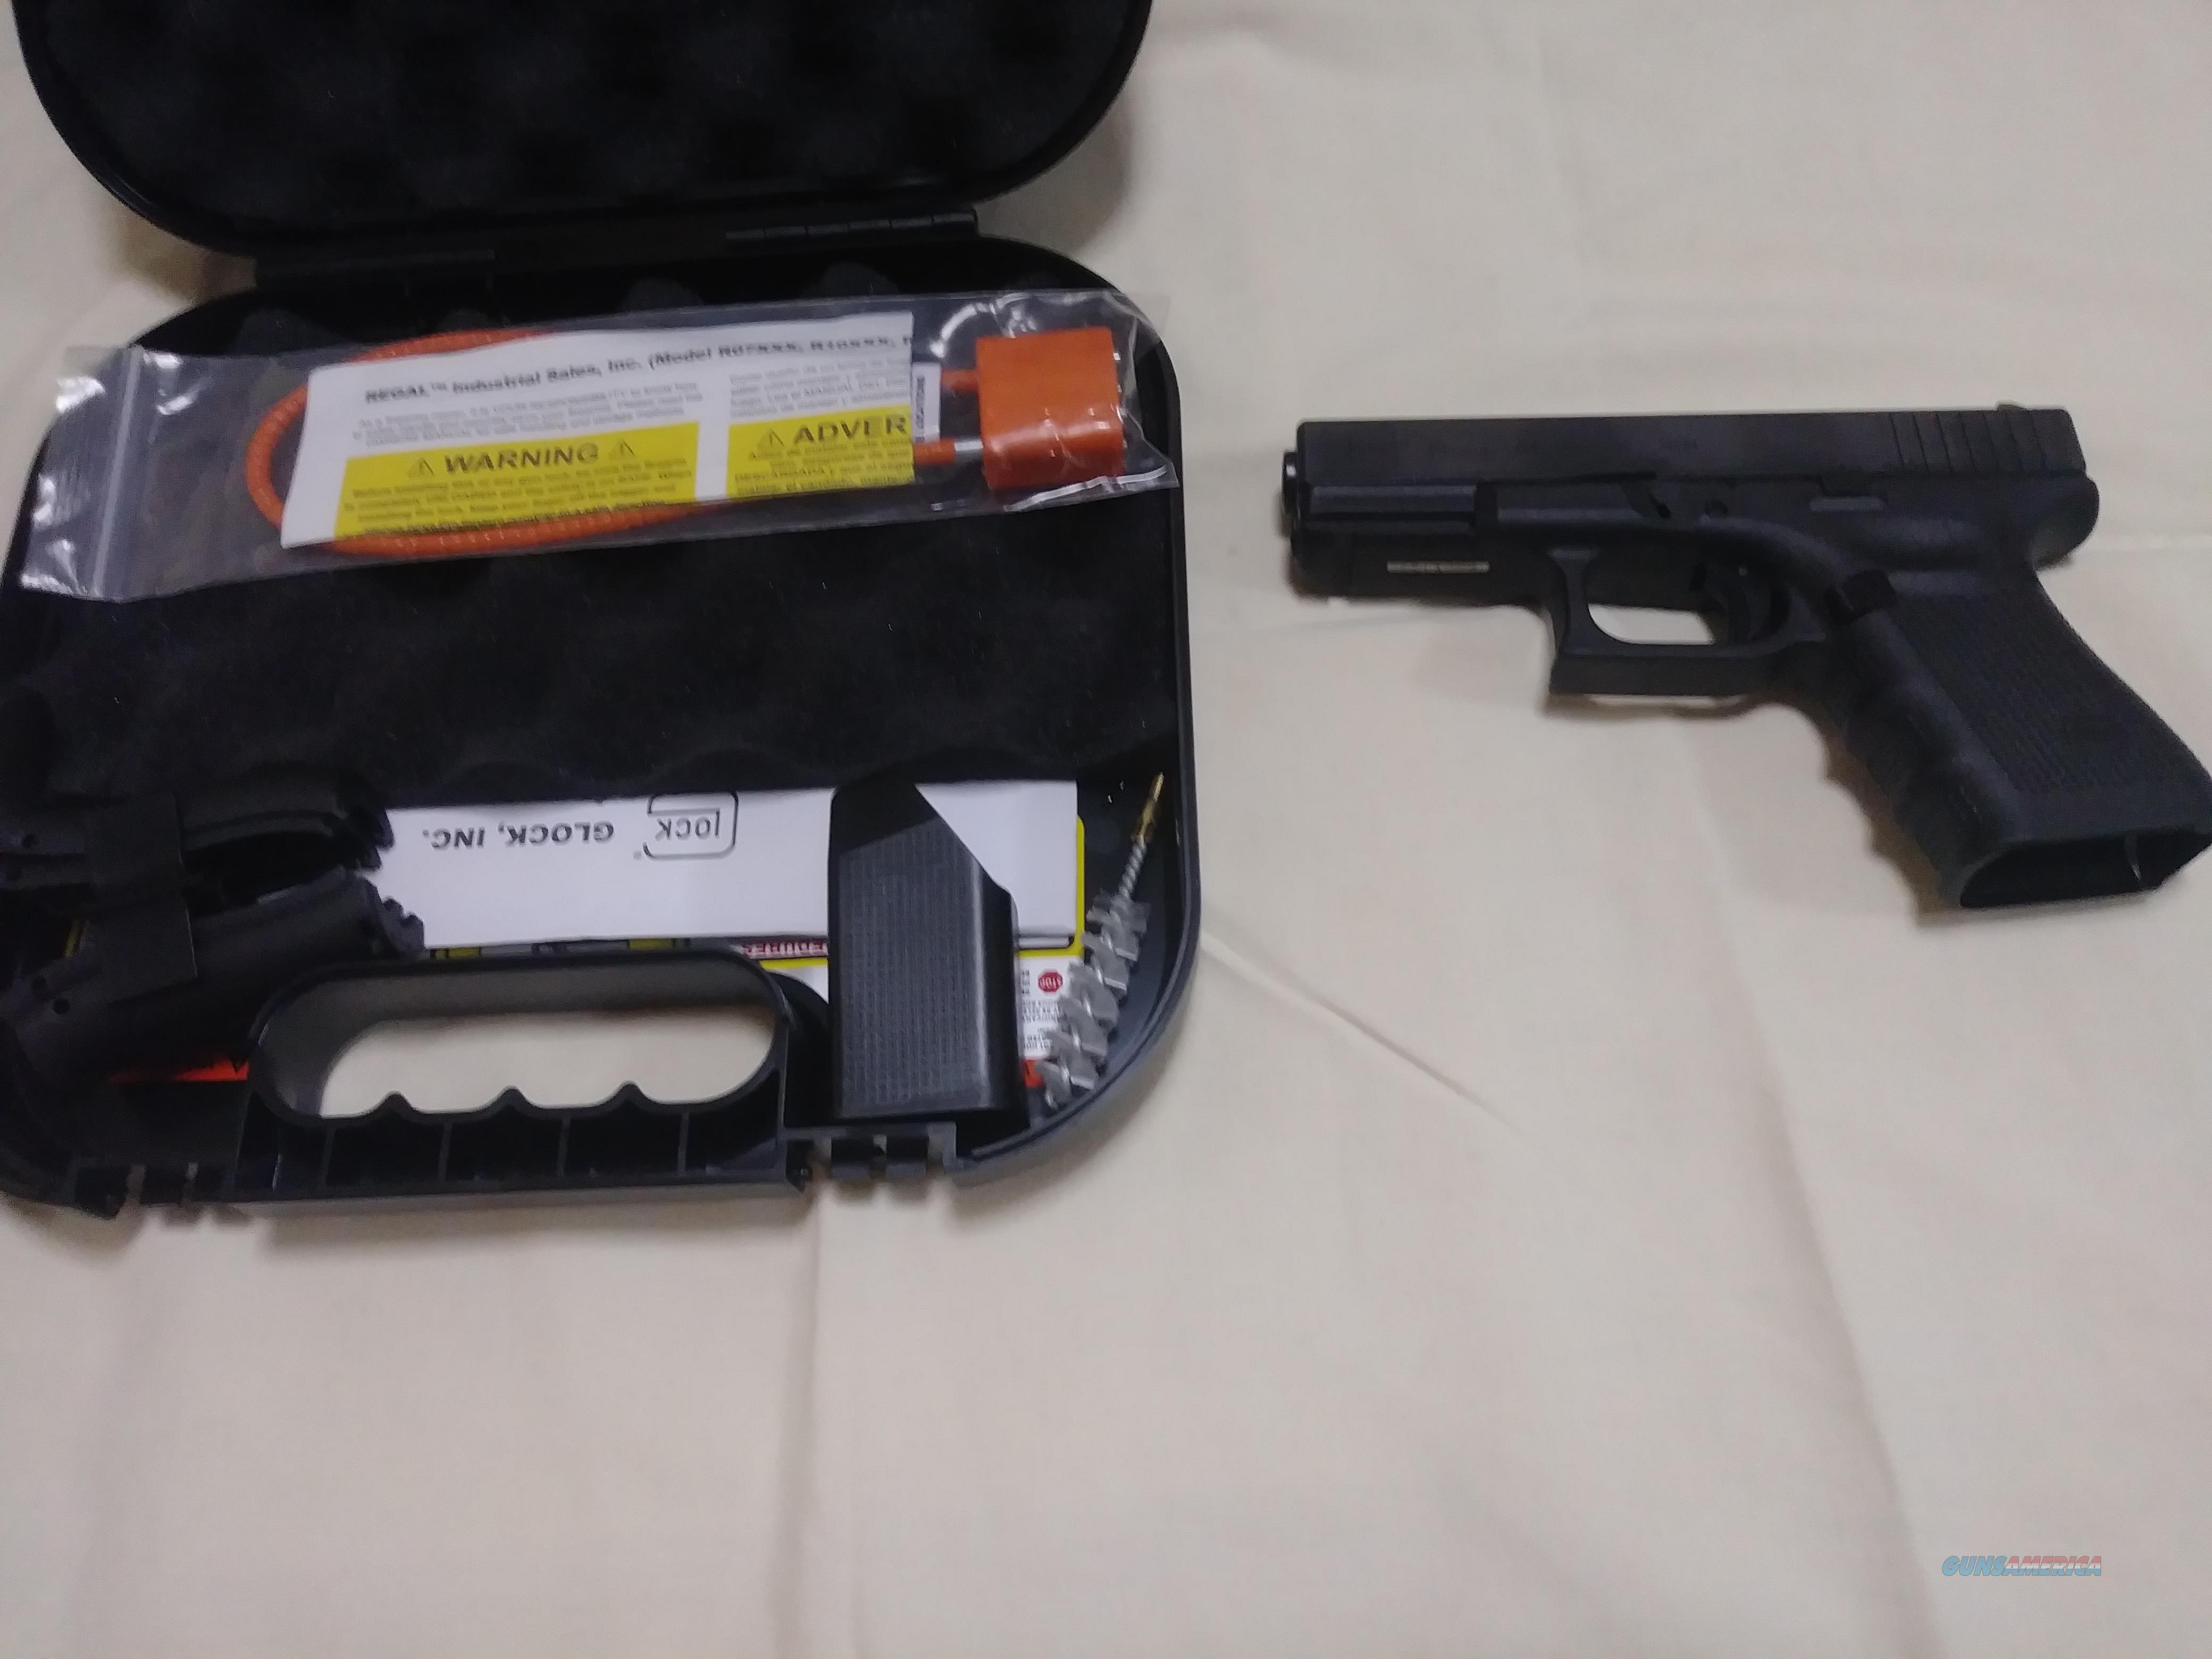 Glock model 19 4th generation new in a box.  Guns > Pistols > Glock Pistols > 19/19X